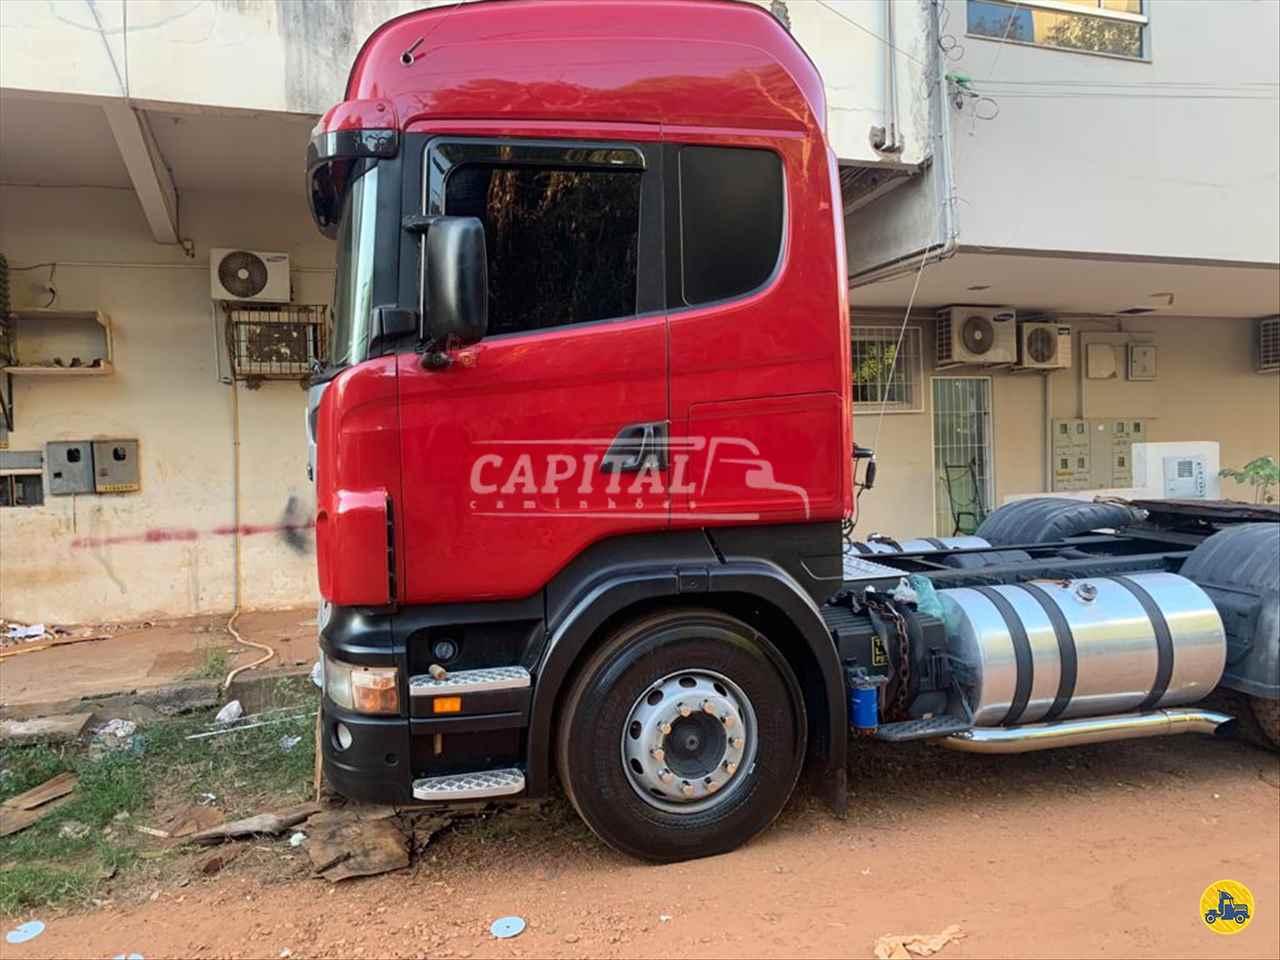 CAMINHAO SCANIA SCANIA 420 Cavalo Mecânico Truck 6x2 Capital Caminhões - Metalesp e Recrusul  BRASILIA DISTRITO FEDERAL DF